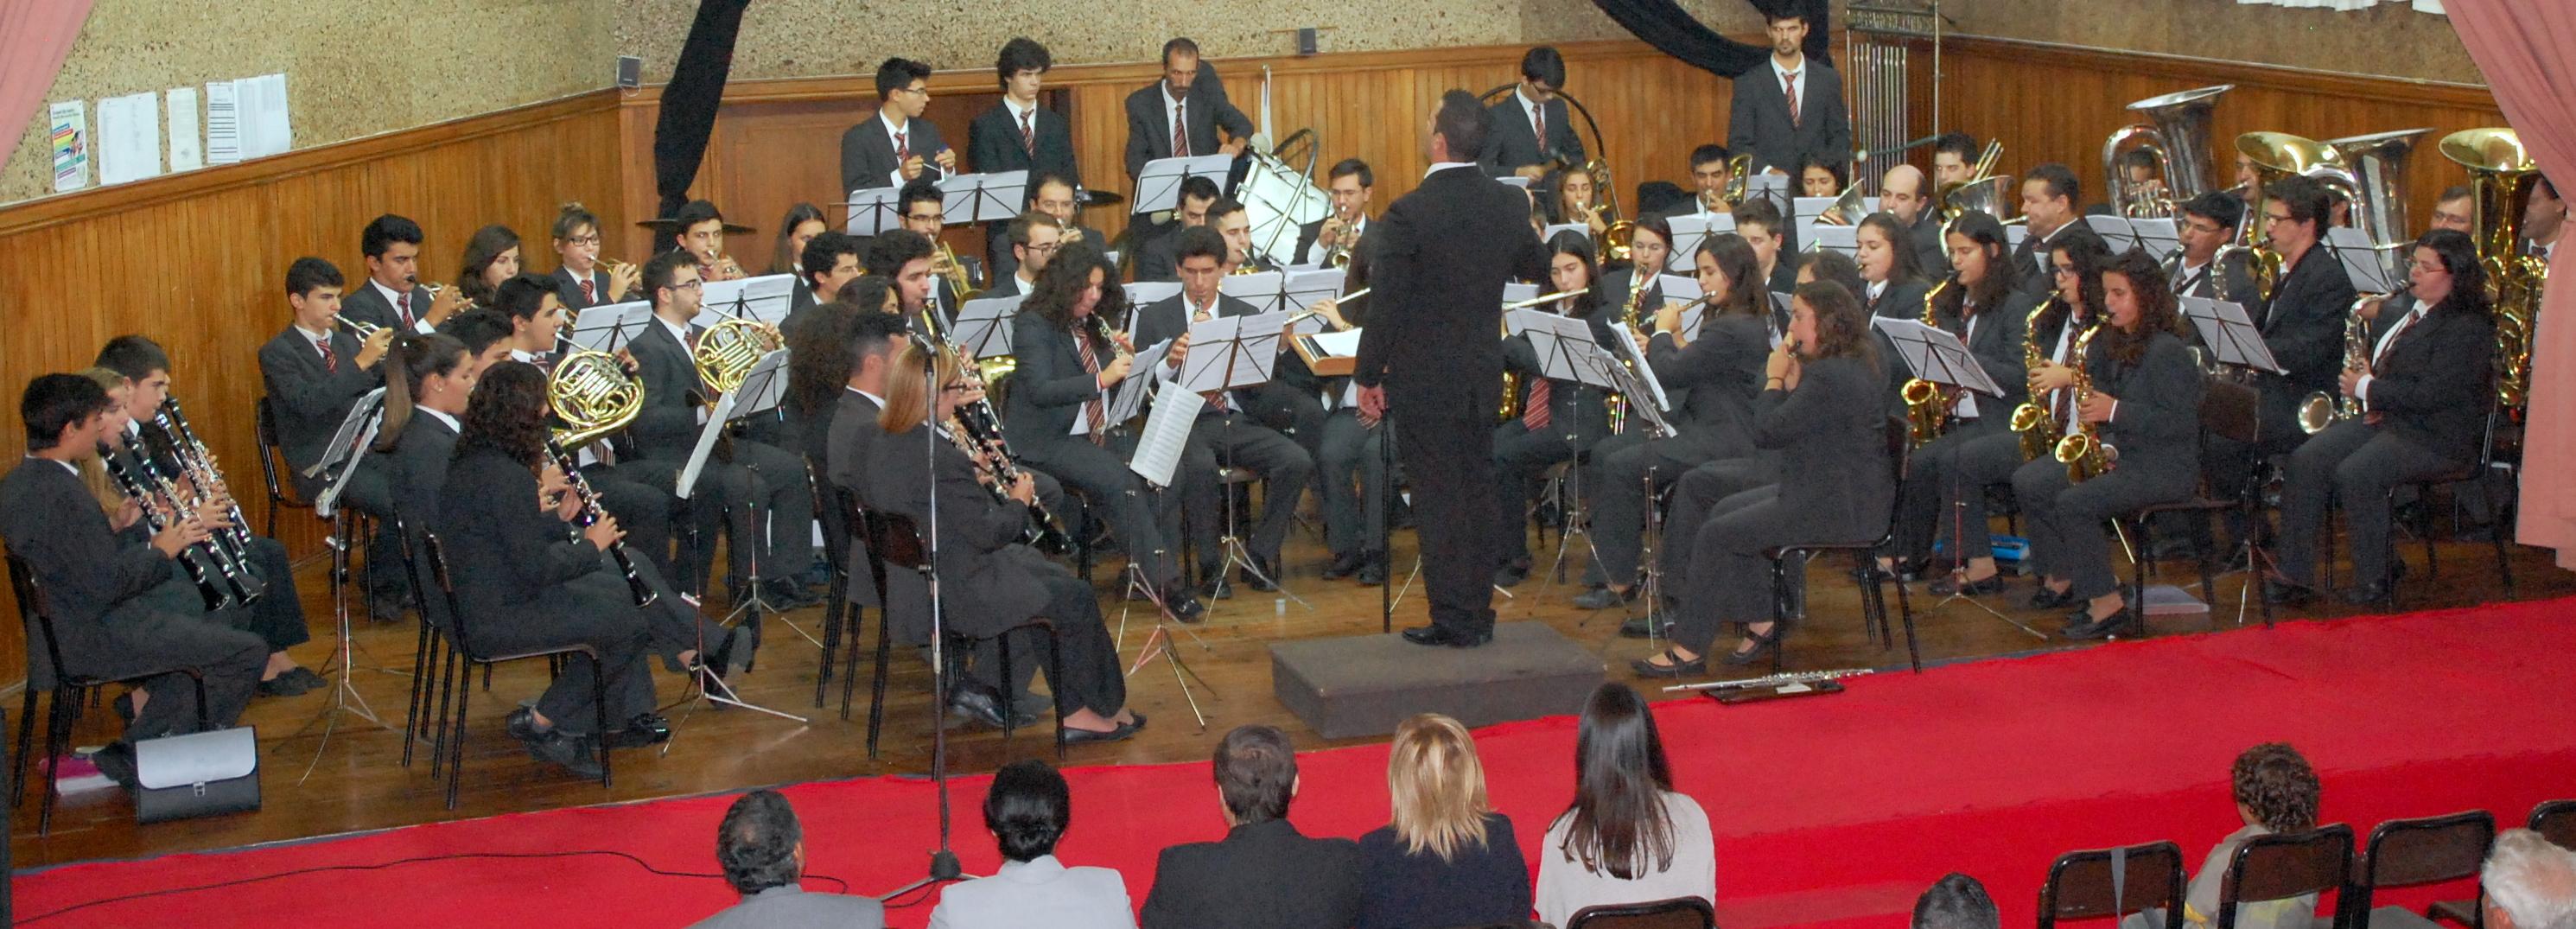 Banda de Oliveira comemorou Dia Mundial da Música com concerto e homenagens